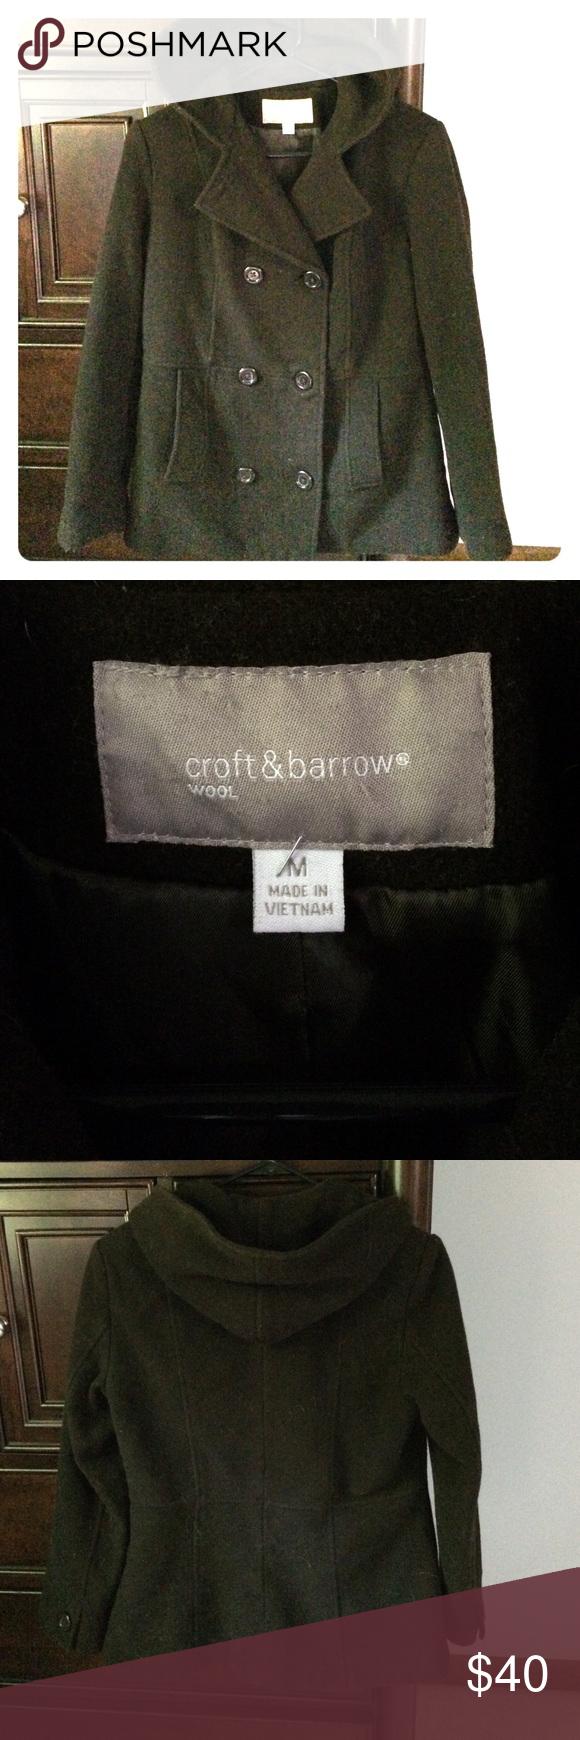 Croft and barrow wool pea coat tonight only  Wool pea coat Barrow